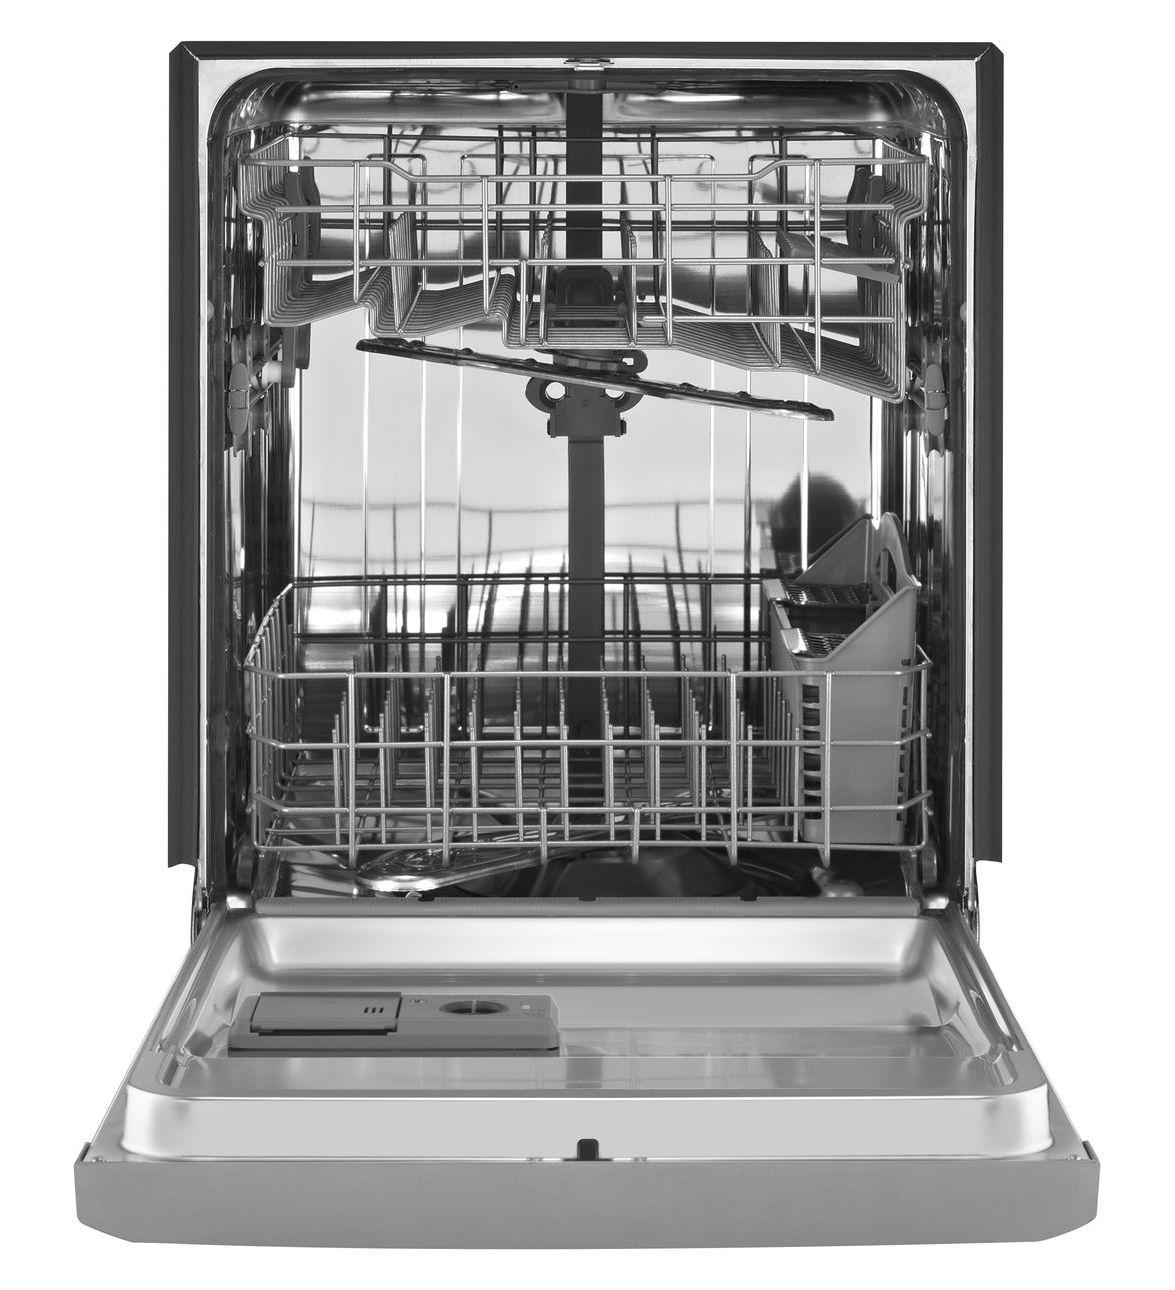 lave vaisselle avec panier de lavage de grande capacit en acier inoxydable lectro loc. Black Bedroom Furniture Sets. Home Design Ideas